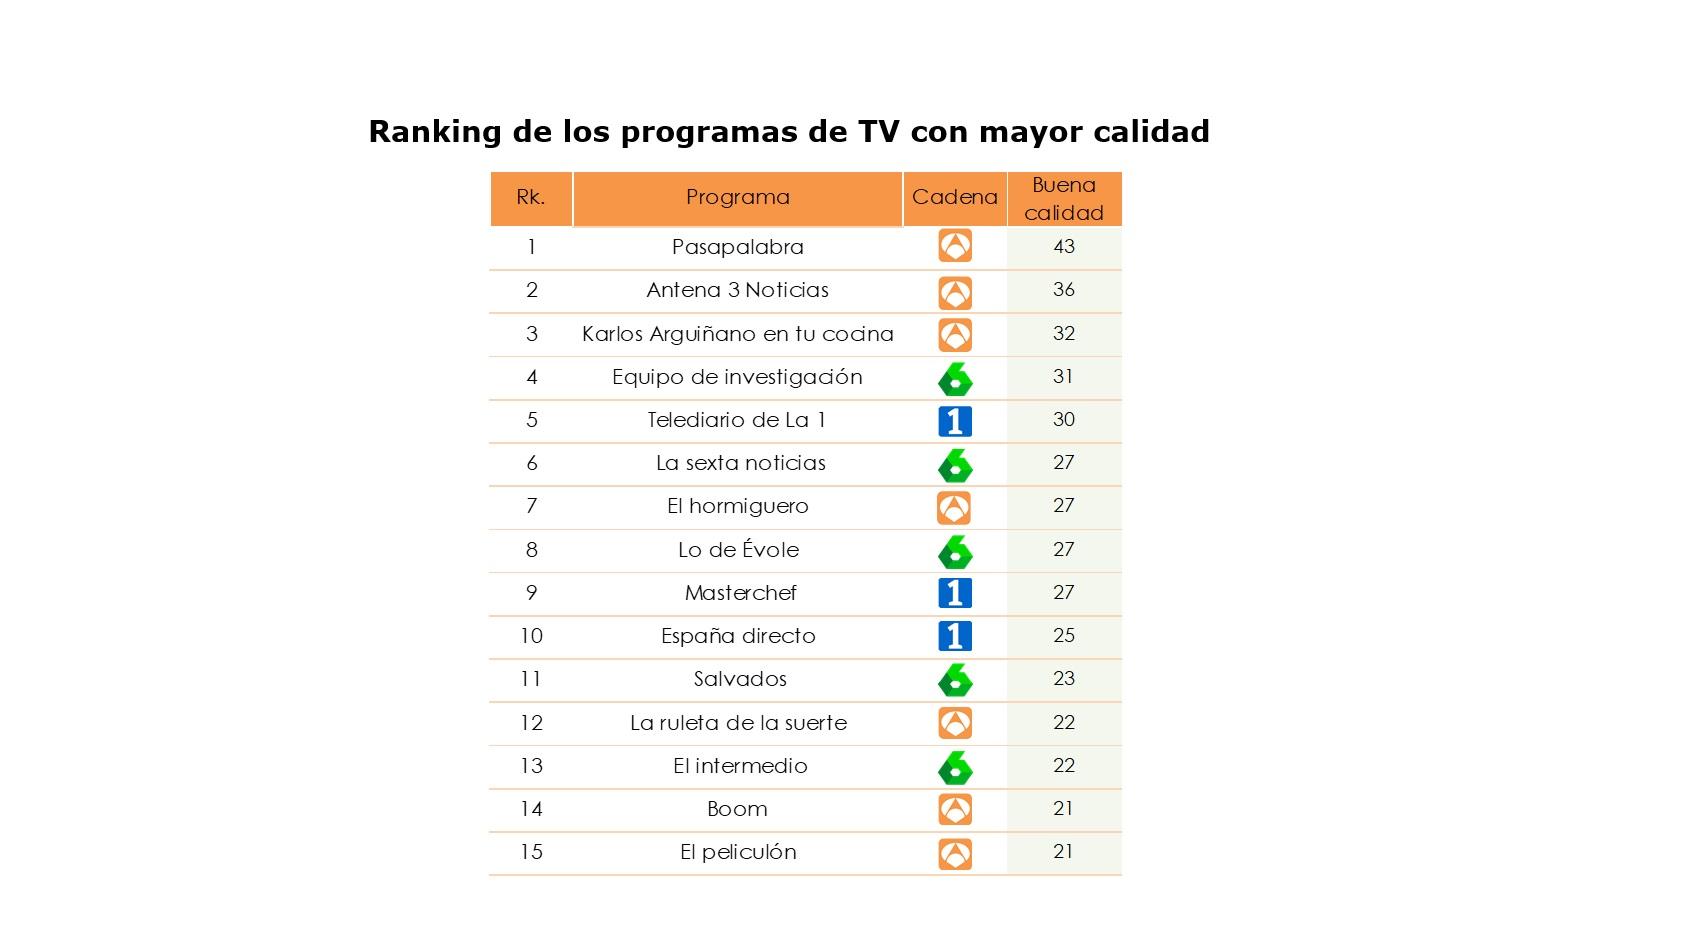 https://www.programapublicidad.com/wp-content/uploads/2021/10/Antena-3-TV-mejor-valorada-España-máxima-puntuación-histórica-récord-categorías-lideradasPersonality-Media-programas-más-calidad-programapublicidad.jpg